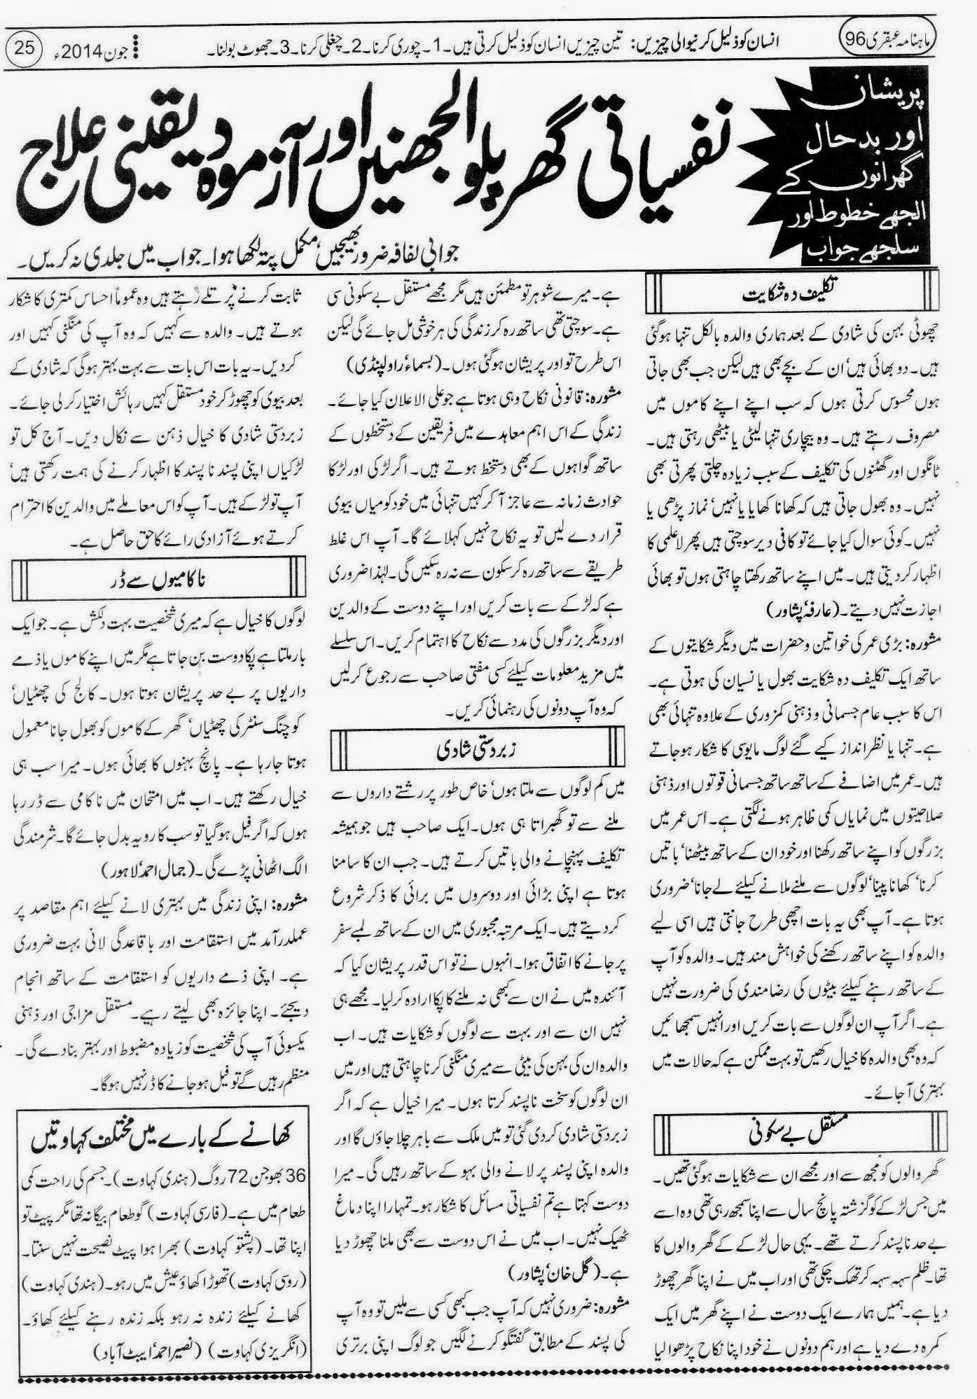 ubqari june 2014 page 25